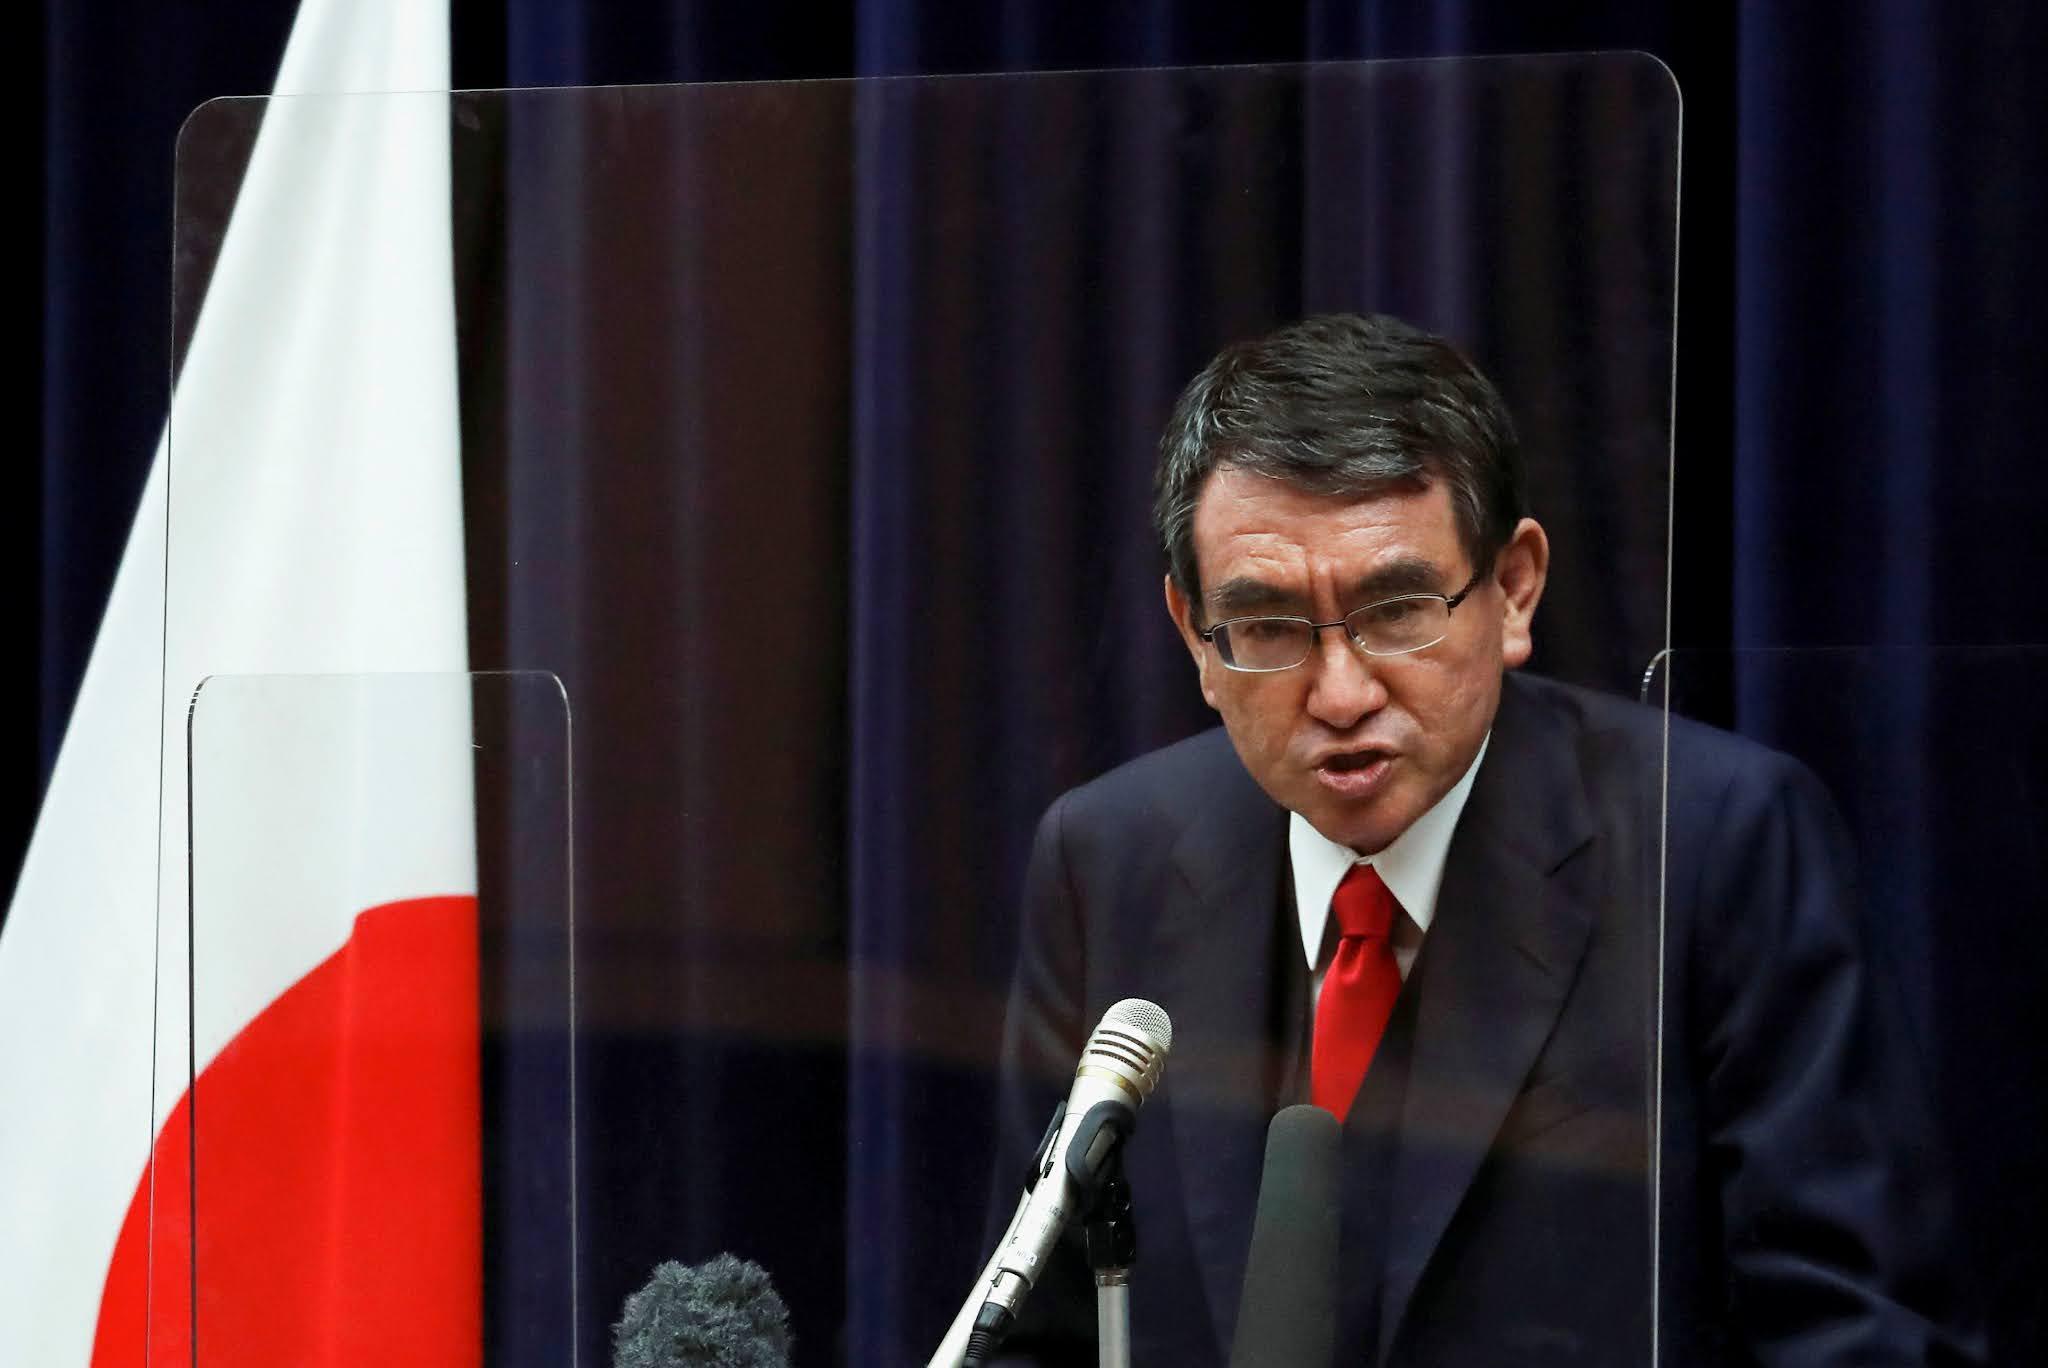 Pemilu Jepang Segera Bergulir, Siapa Kira-kira Perdana Menteri Berikutnya?